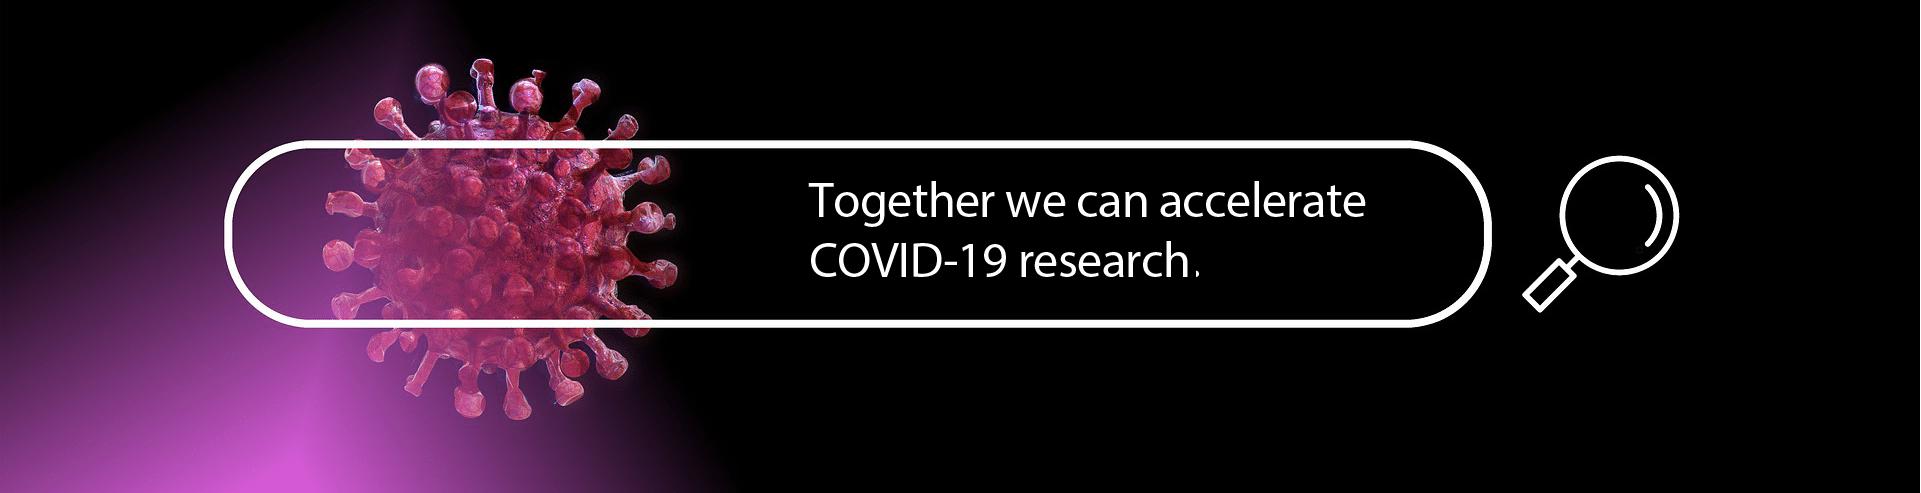 olinks-protein-biomarker-used-in-COVID-19-studies